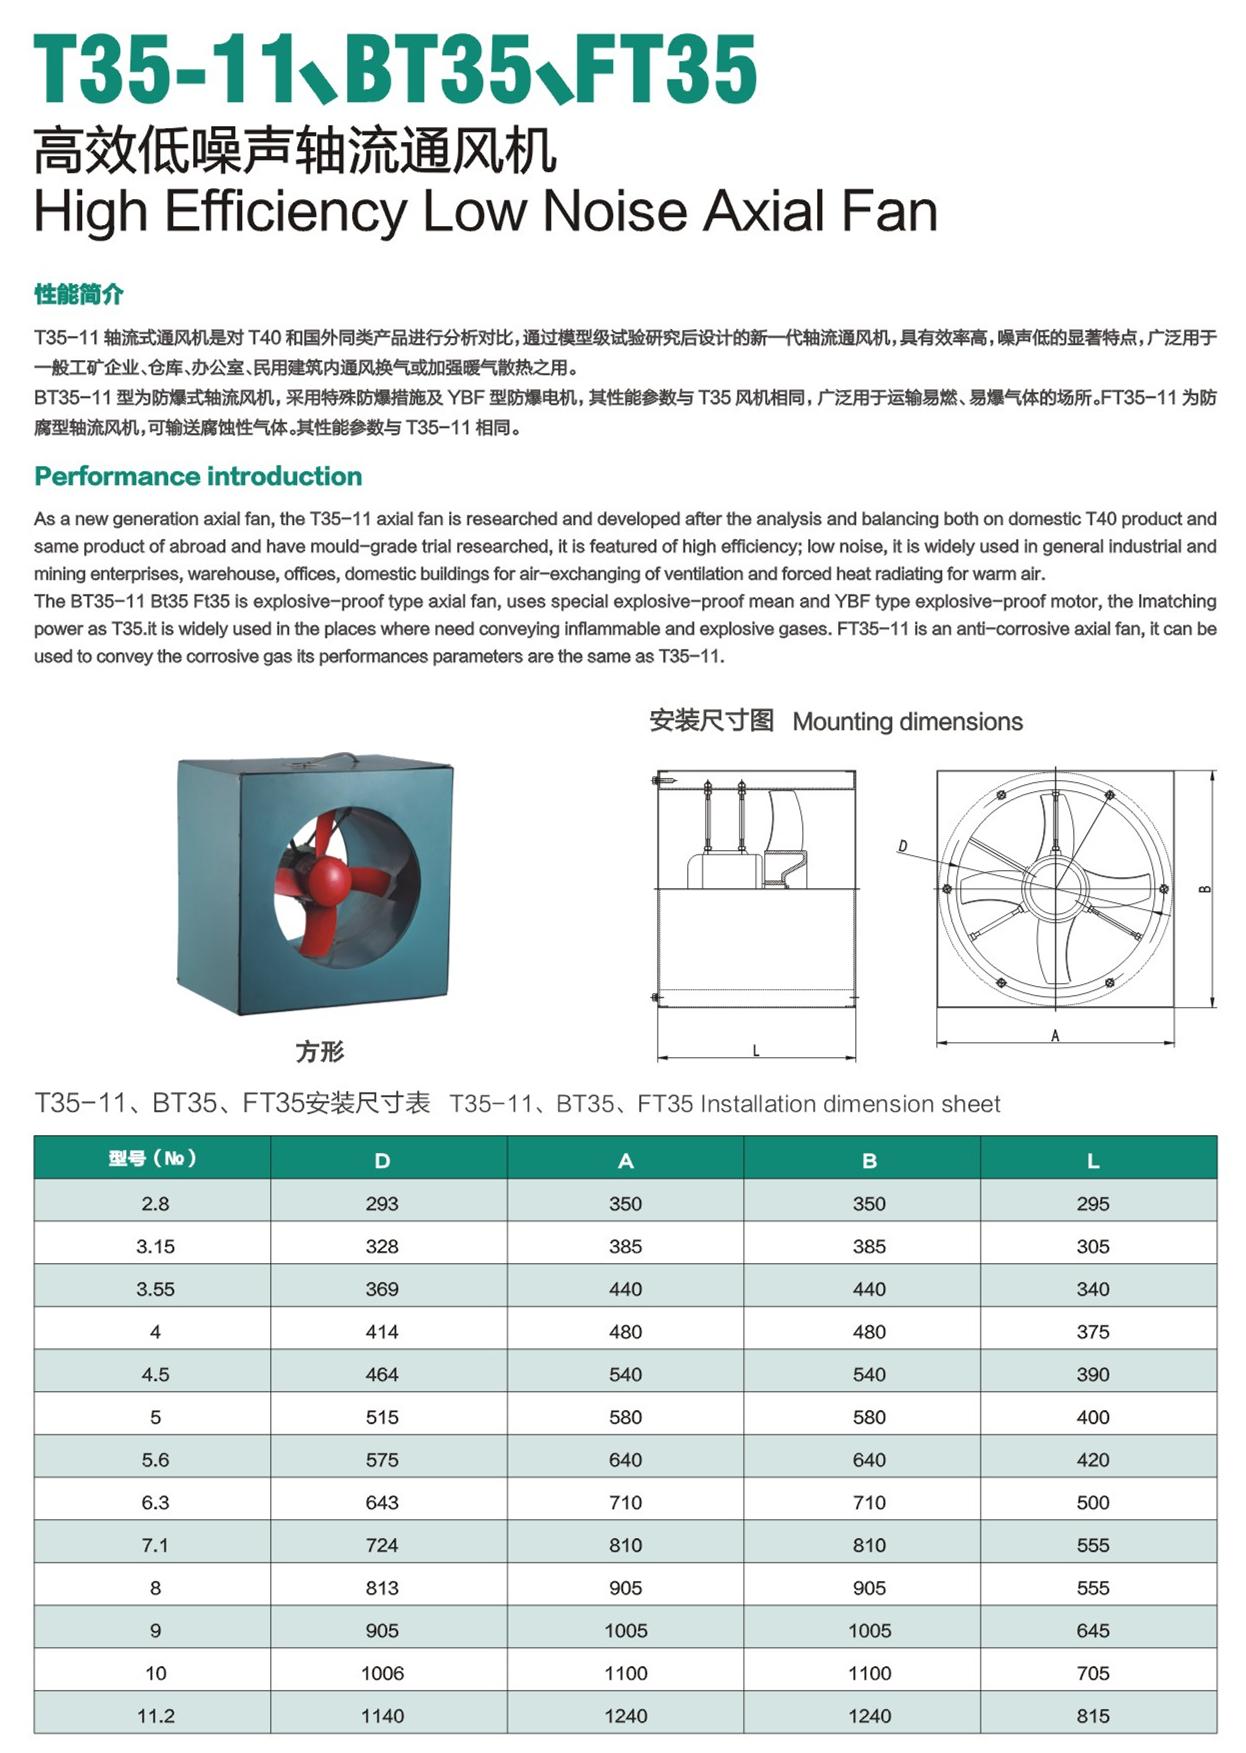 T35-11/BT35/FT35 HIGH EFFICIENCY LOW NOISE AXIAL FAN